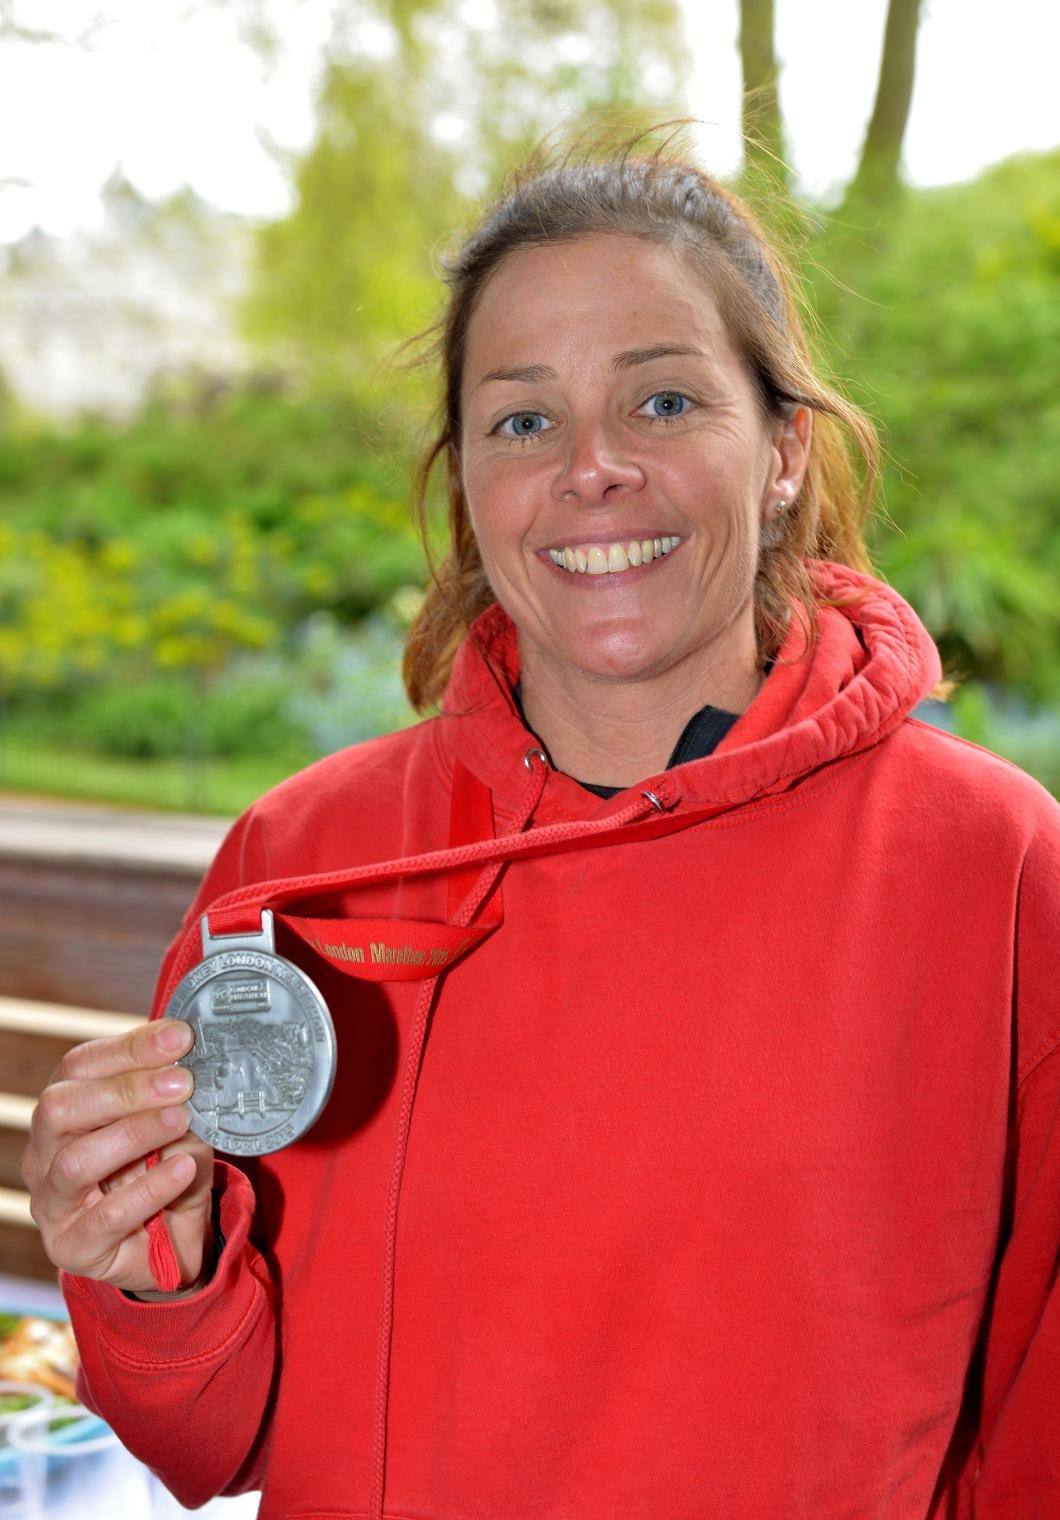 Melissa Medal